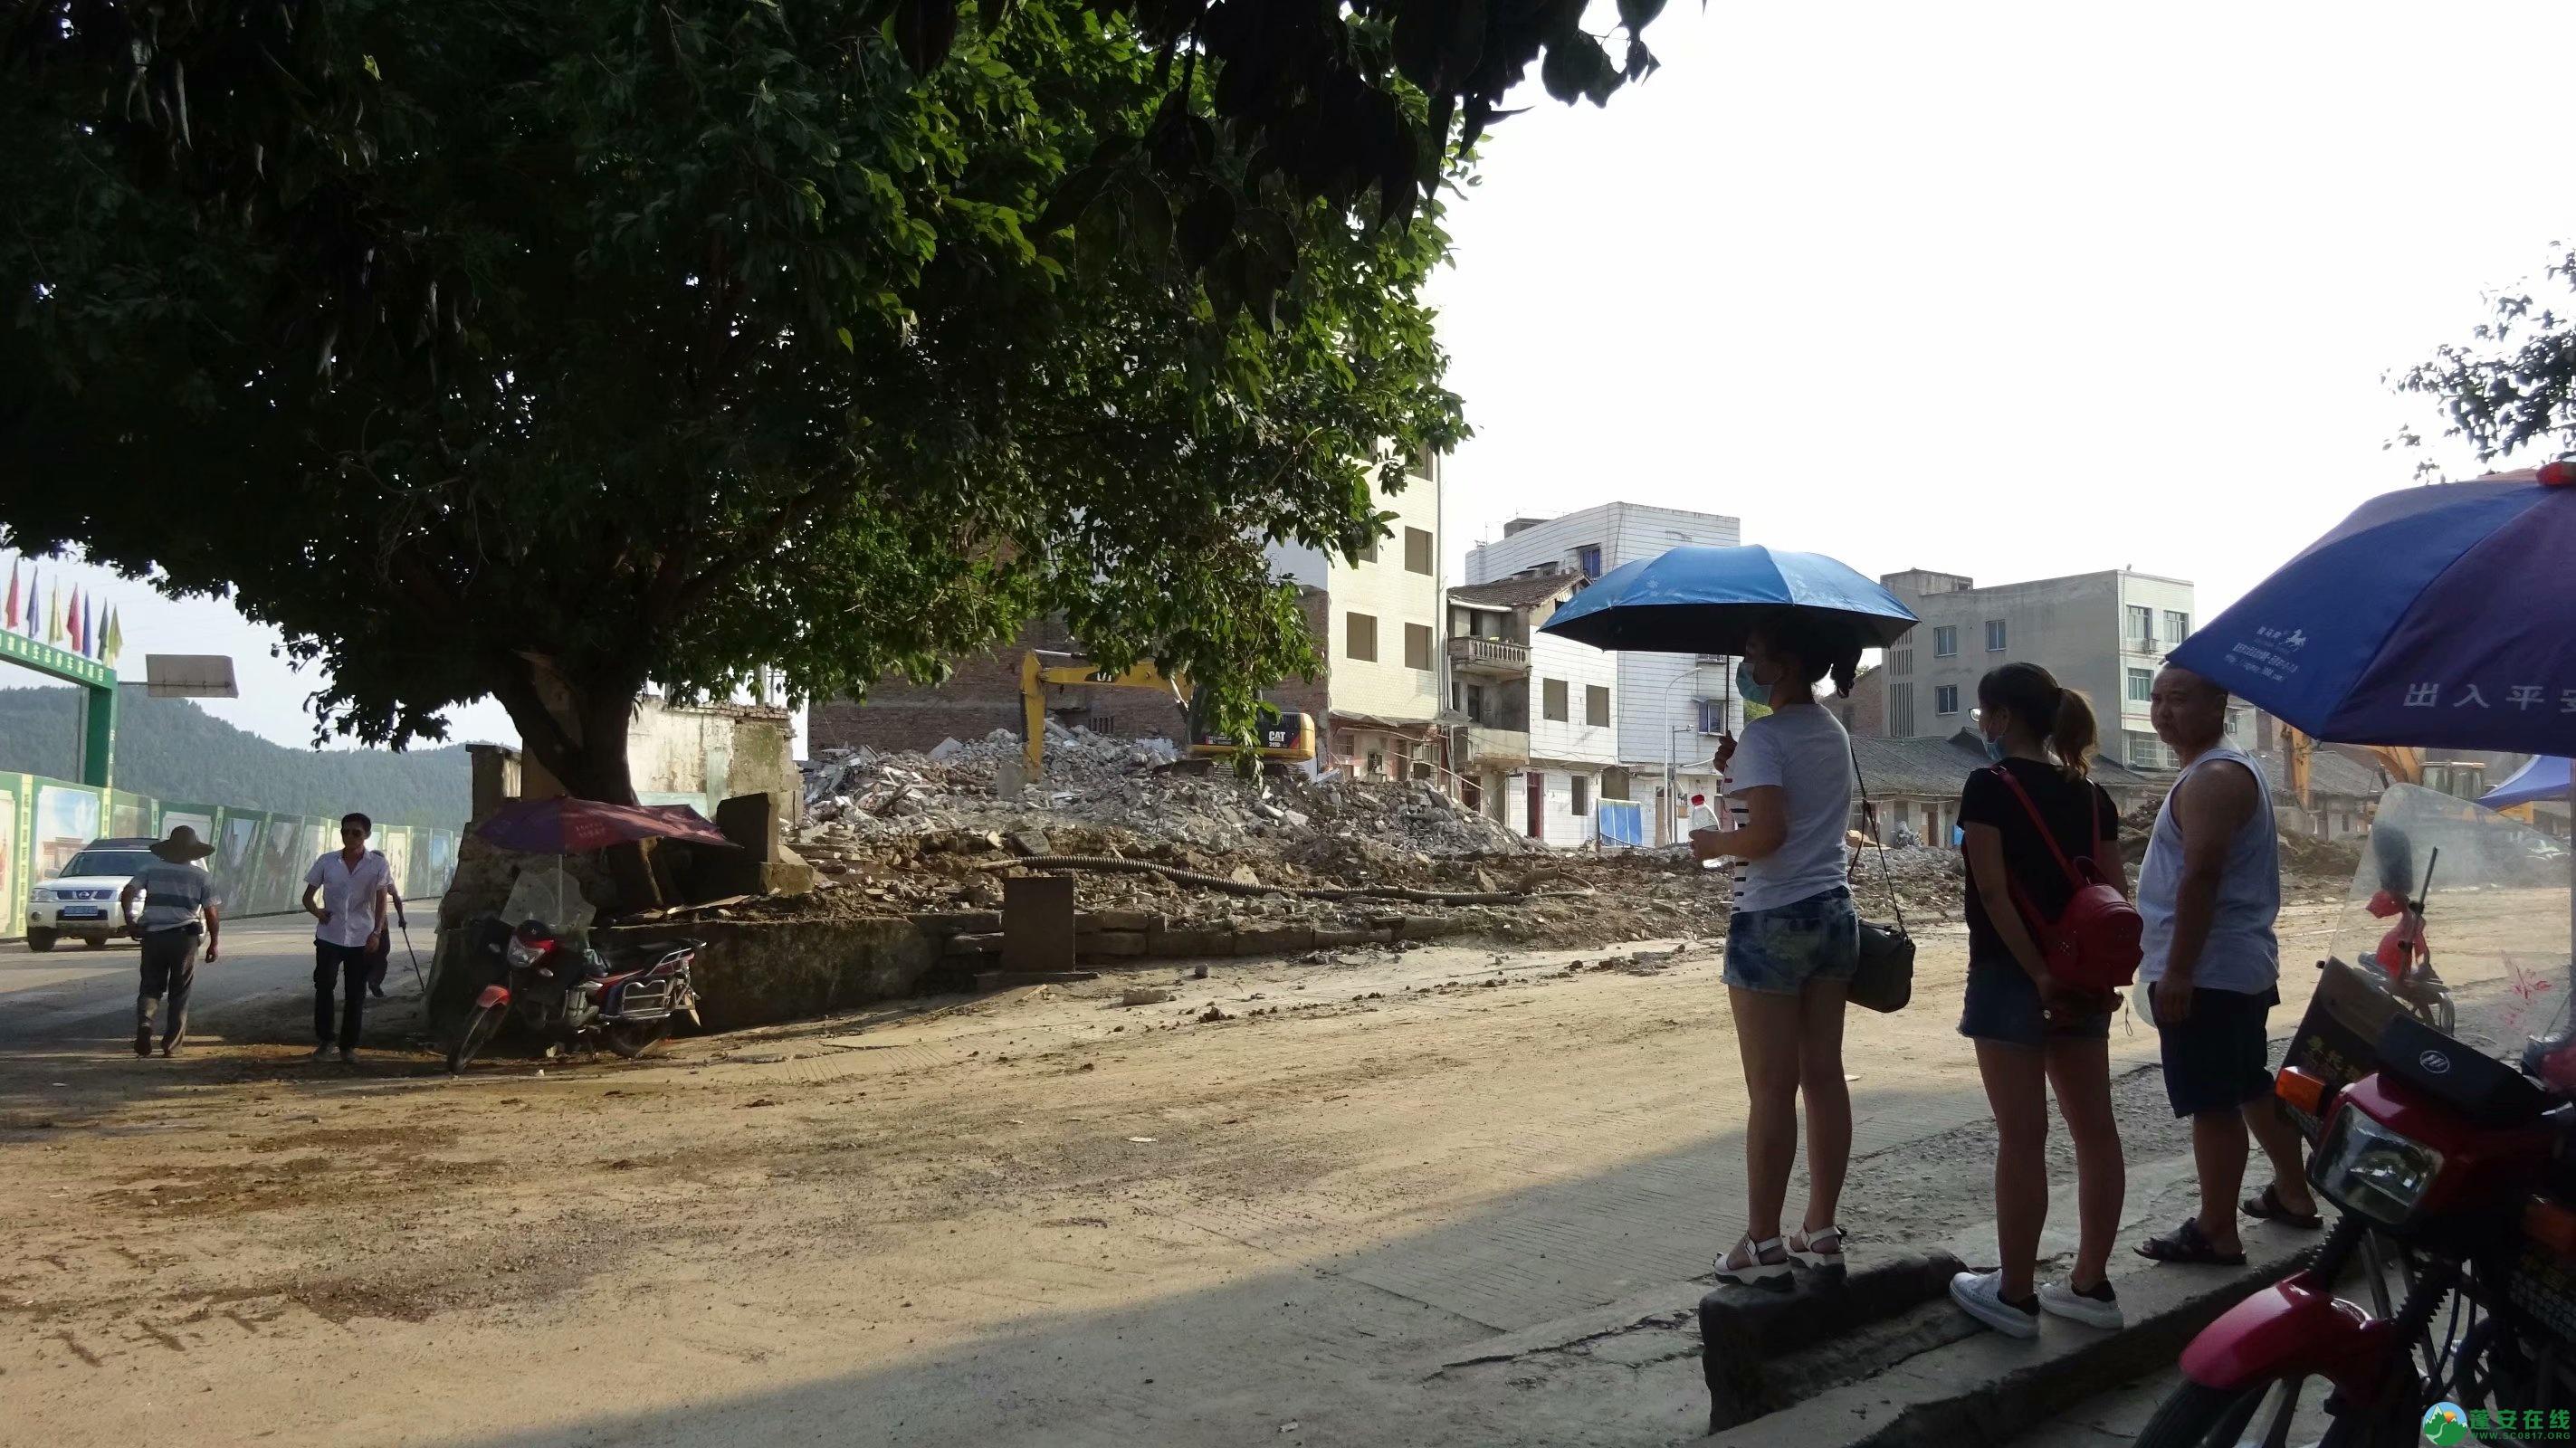 蓬安锦屏相如故城建设迅猛 - 第13张  | 蓬安在线